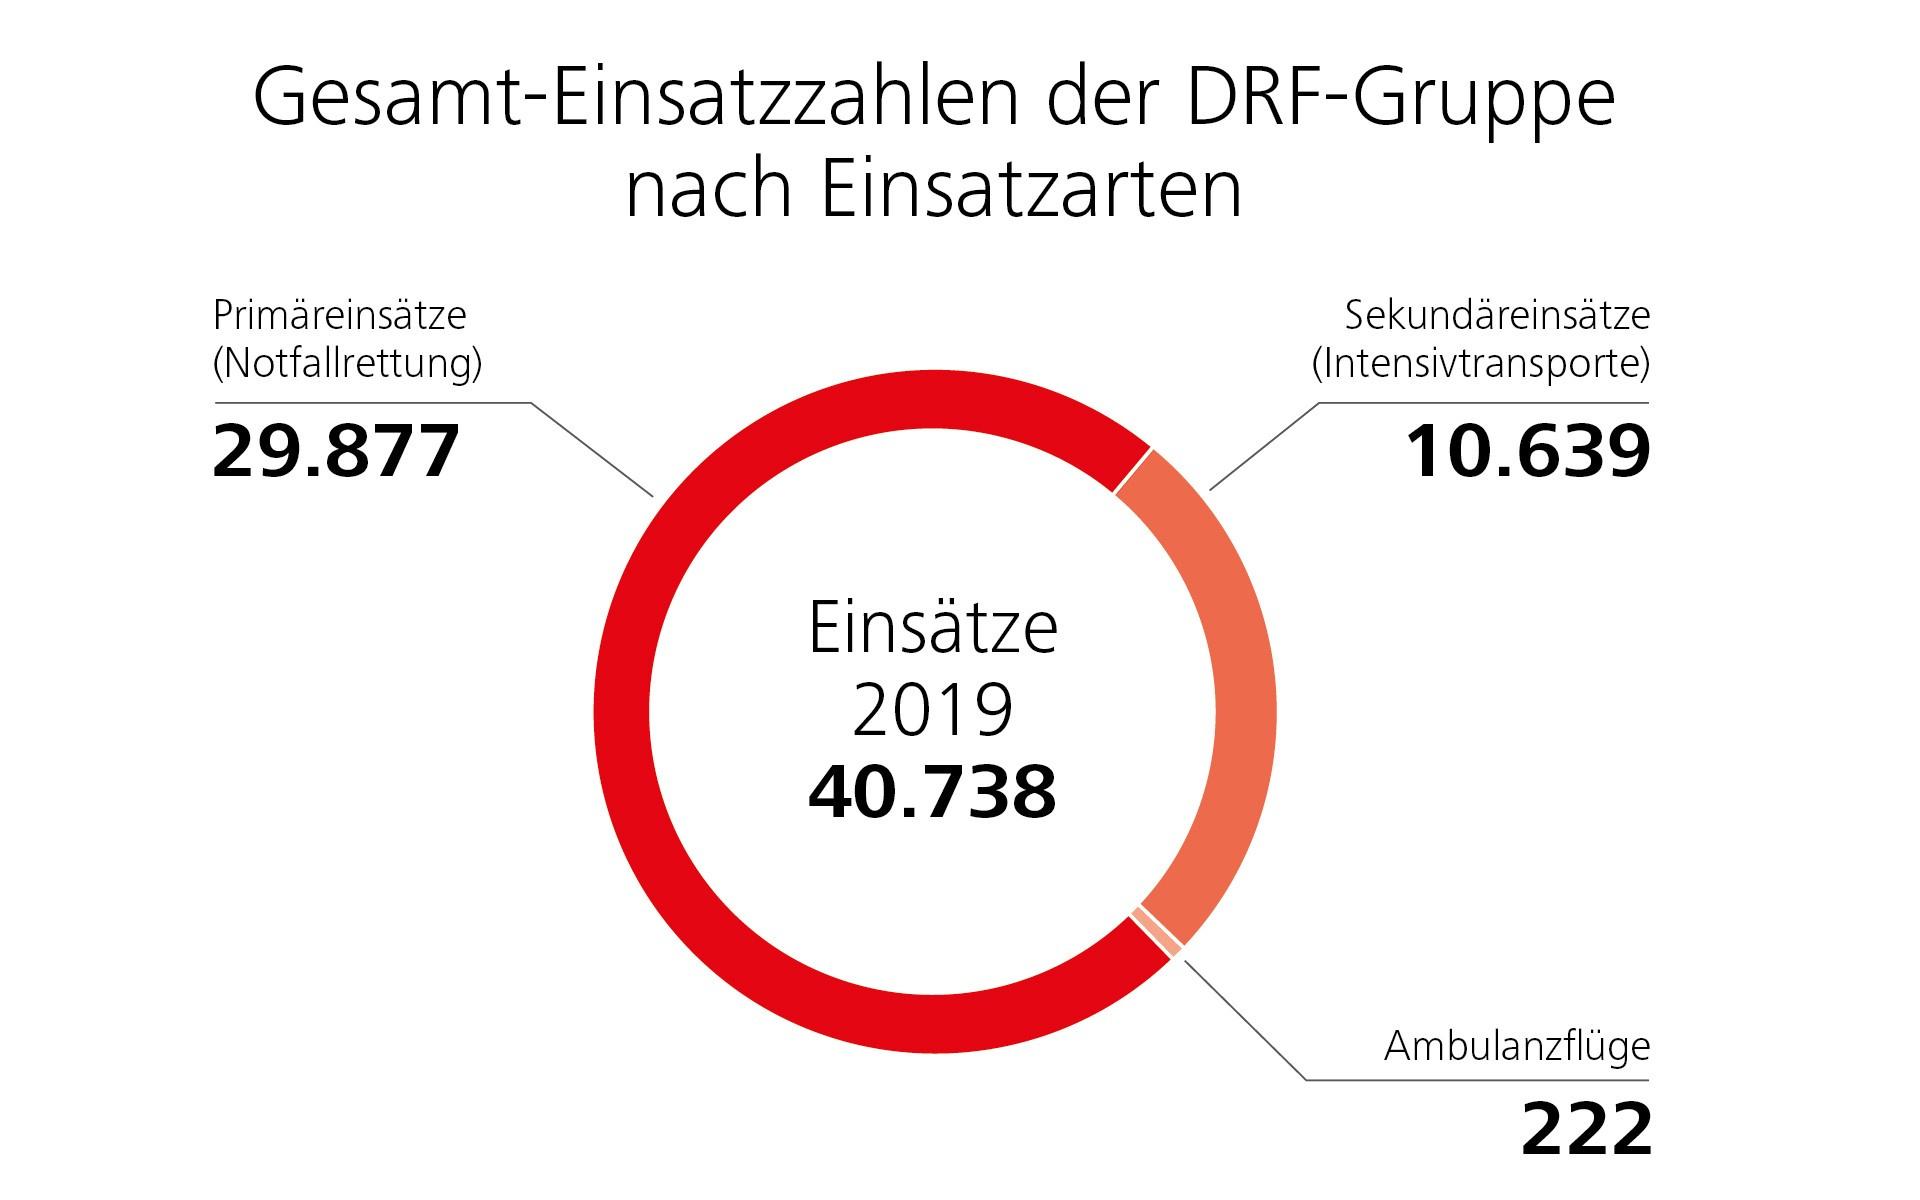 Gesamt-Einsatzzahlen 2019 der DRF-Gruppe nach Einsatzarten.